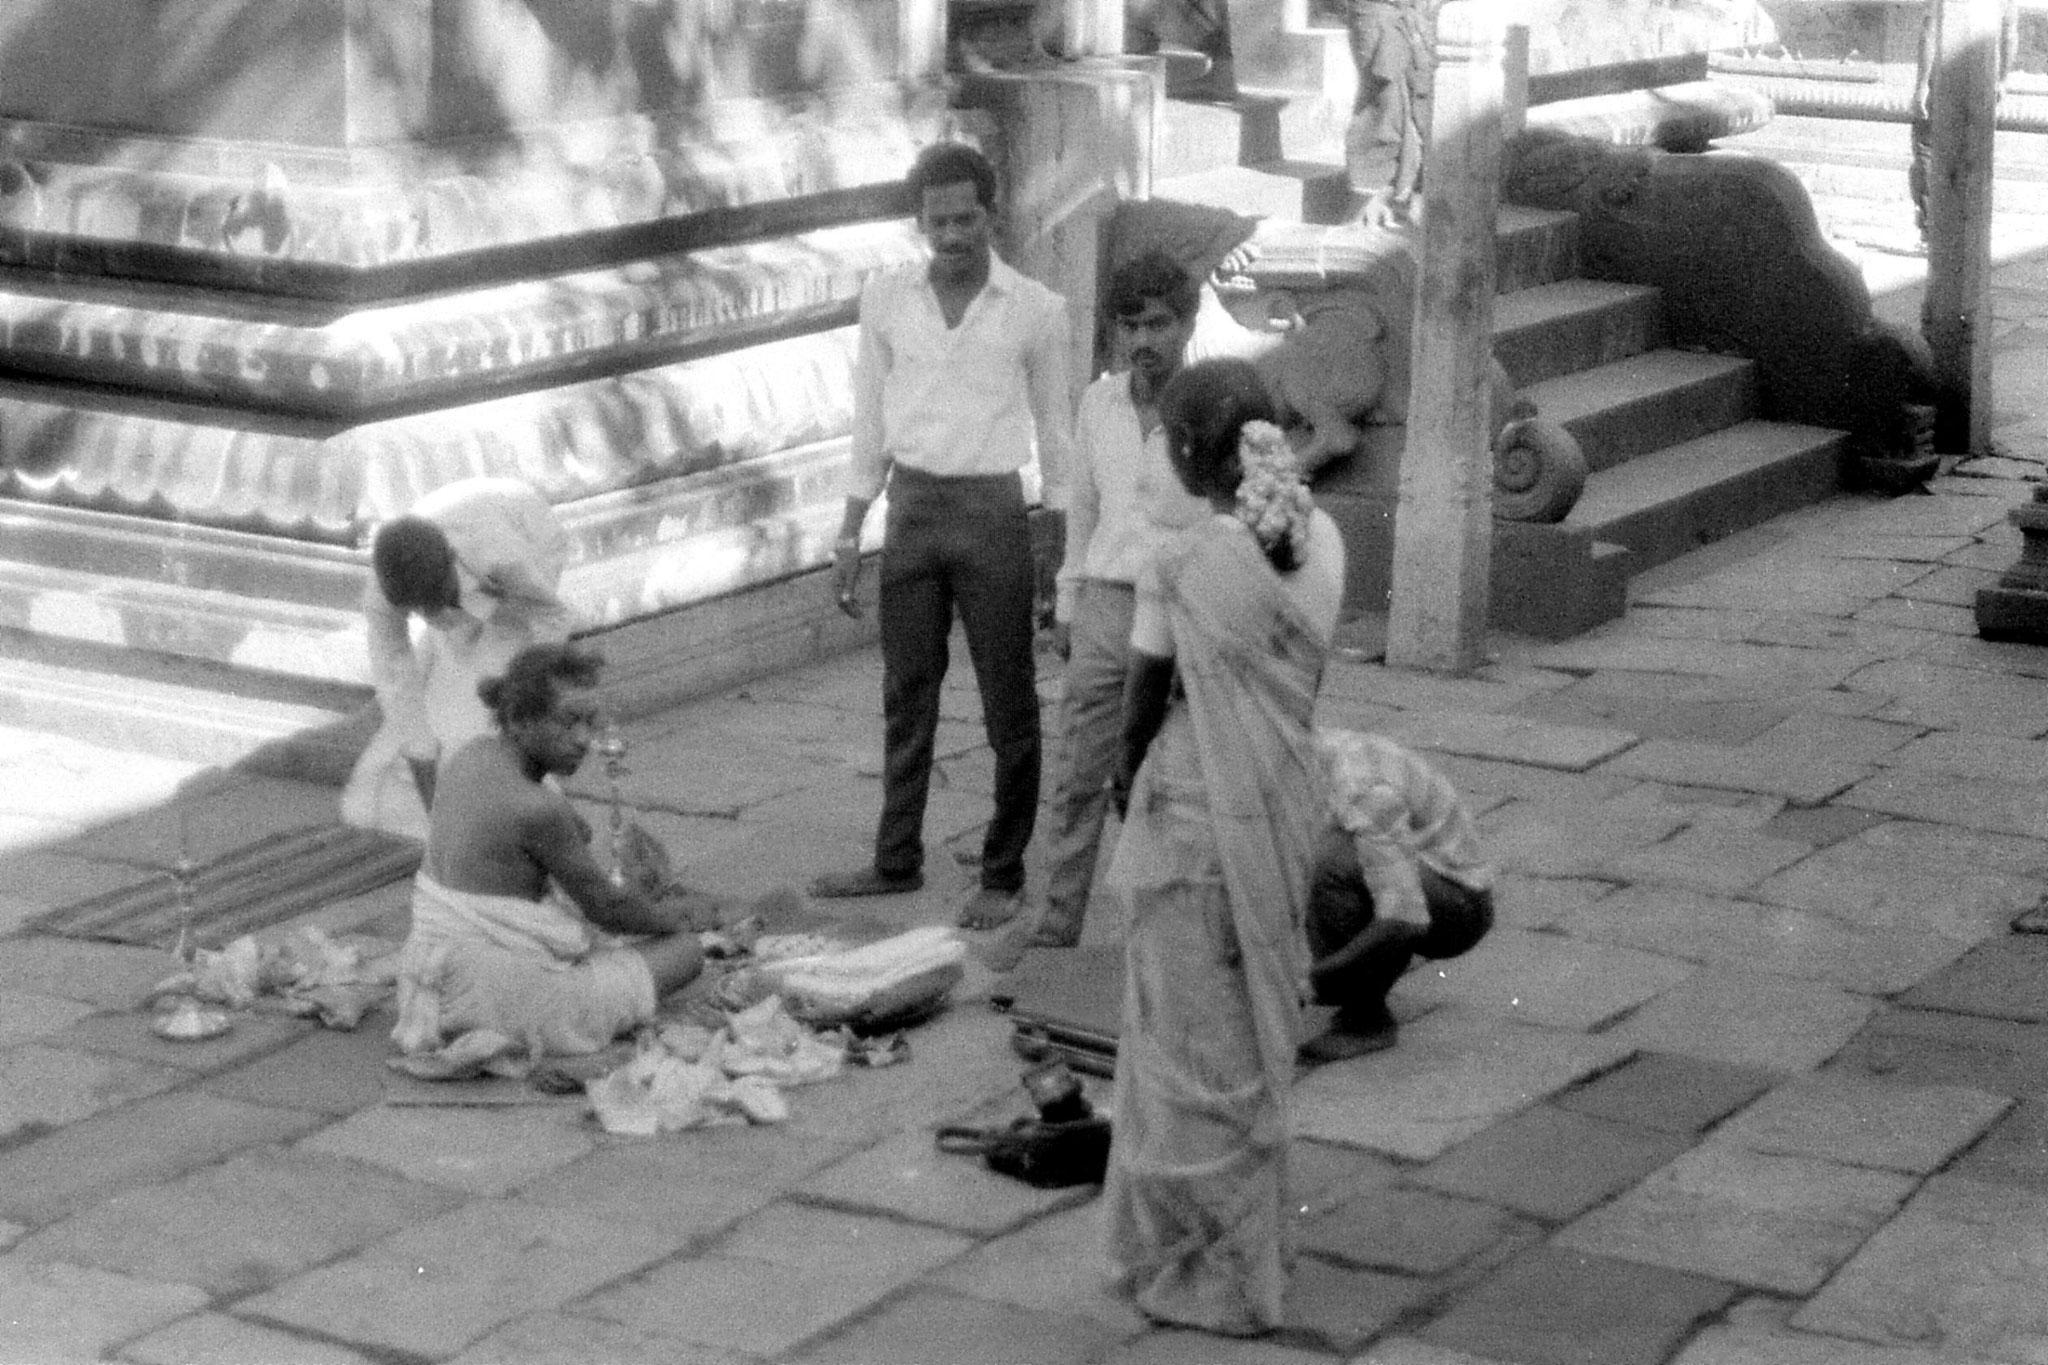 19/1/90: 14: Kanchipuram - Ekambareswarar temple - priest making wedding preparations